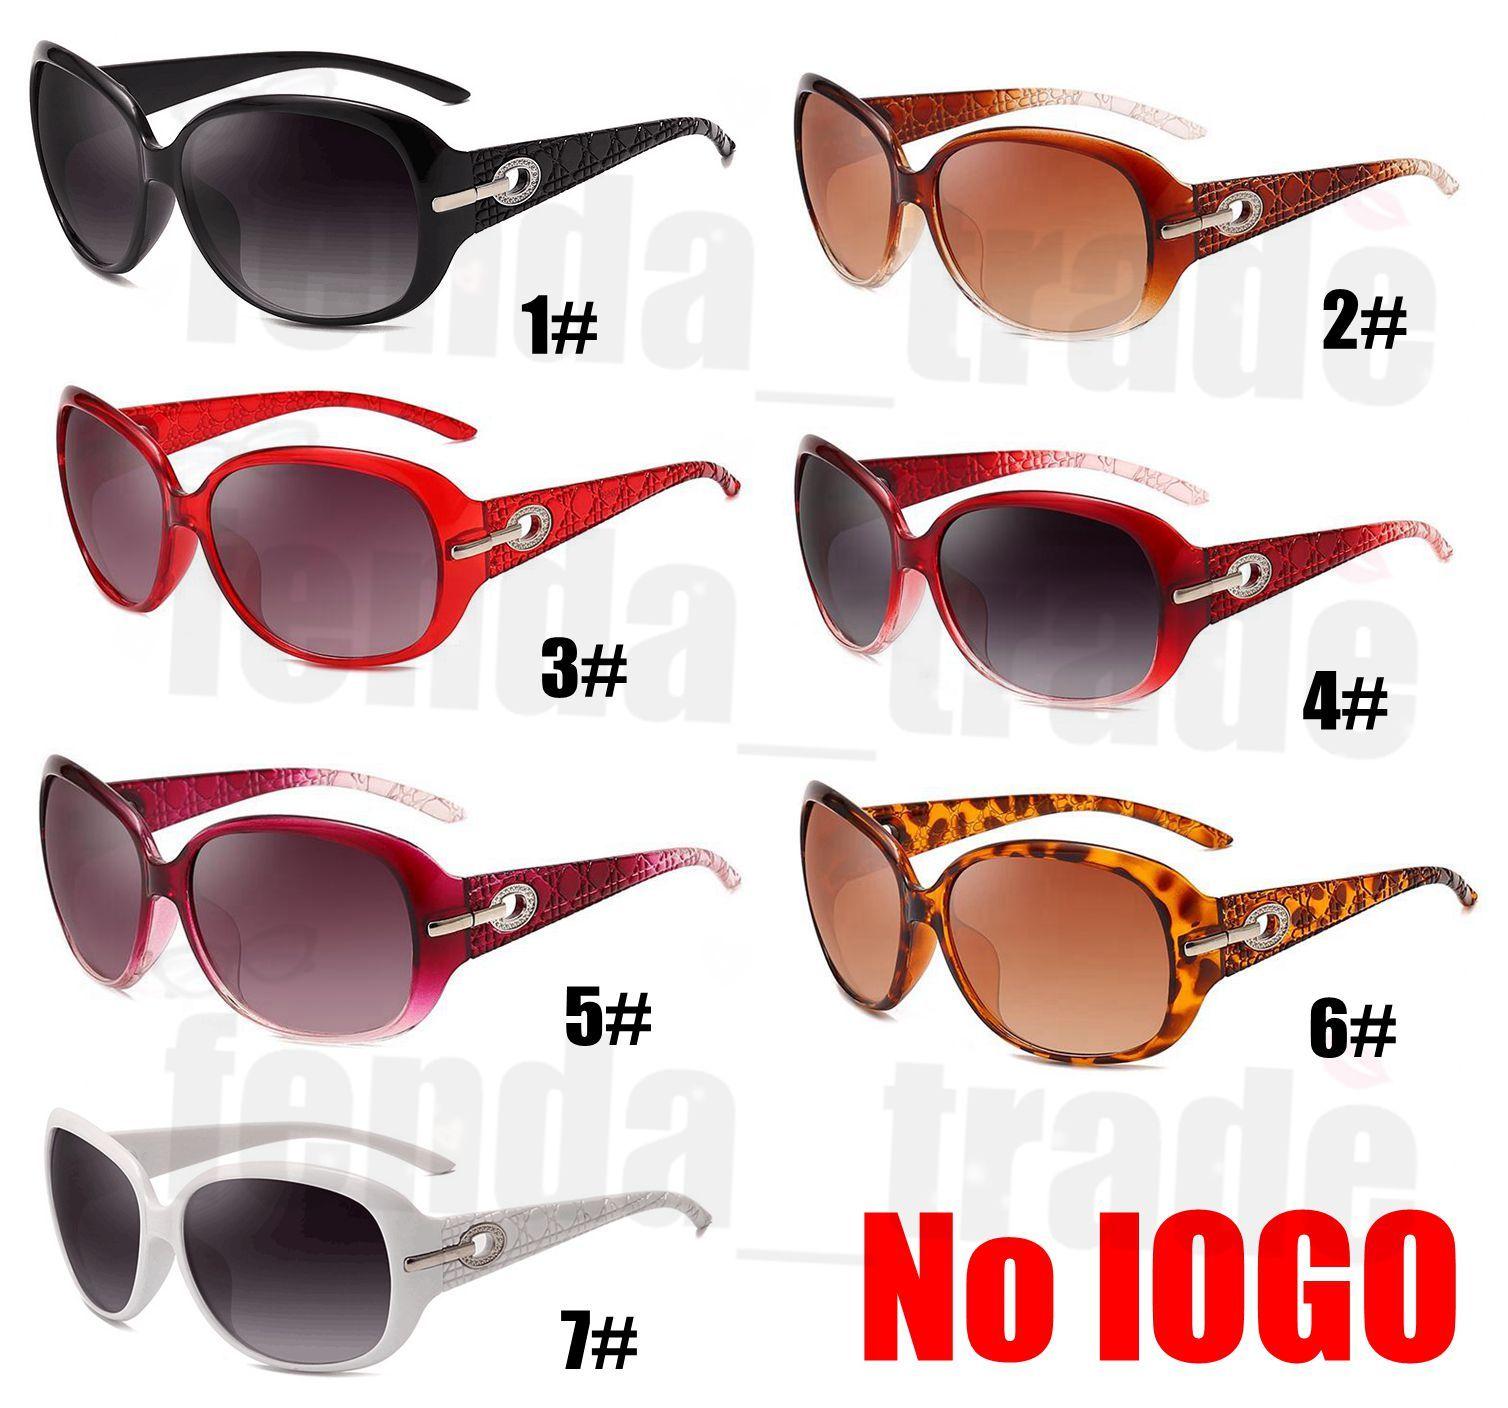 50 PCS Moda Vintage Diamante Óculos De Sol Das Mulheres Designer de Marca Senhoras óculos de Sol Para As Mulheres Lunette De Soleil Oculos De Sol Feminino